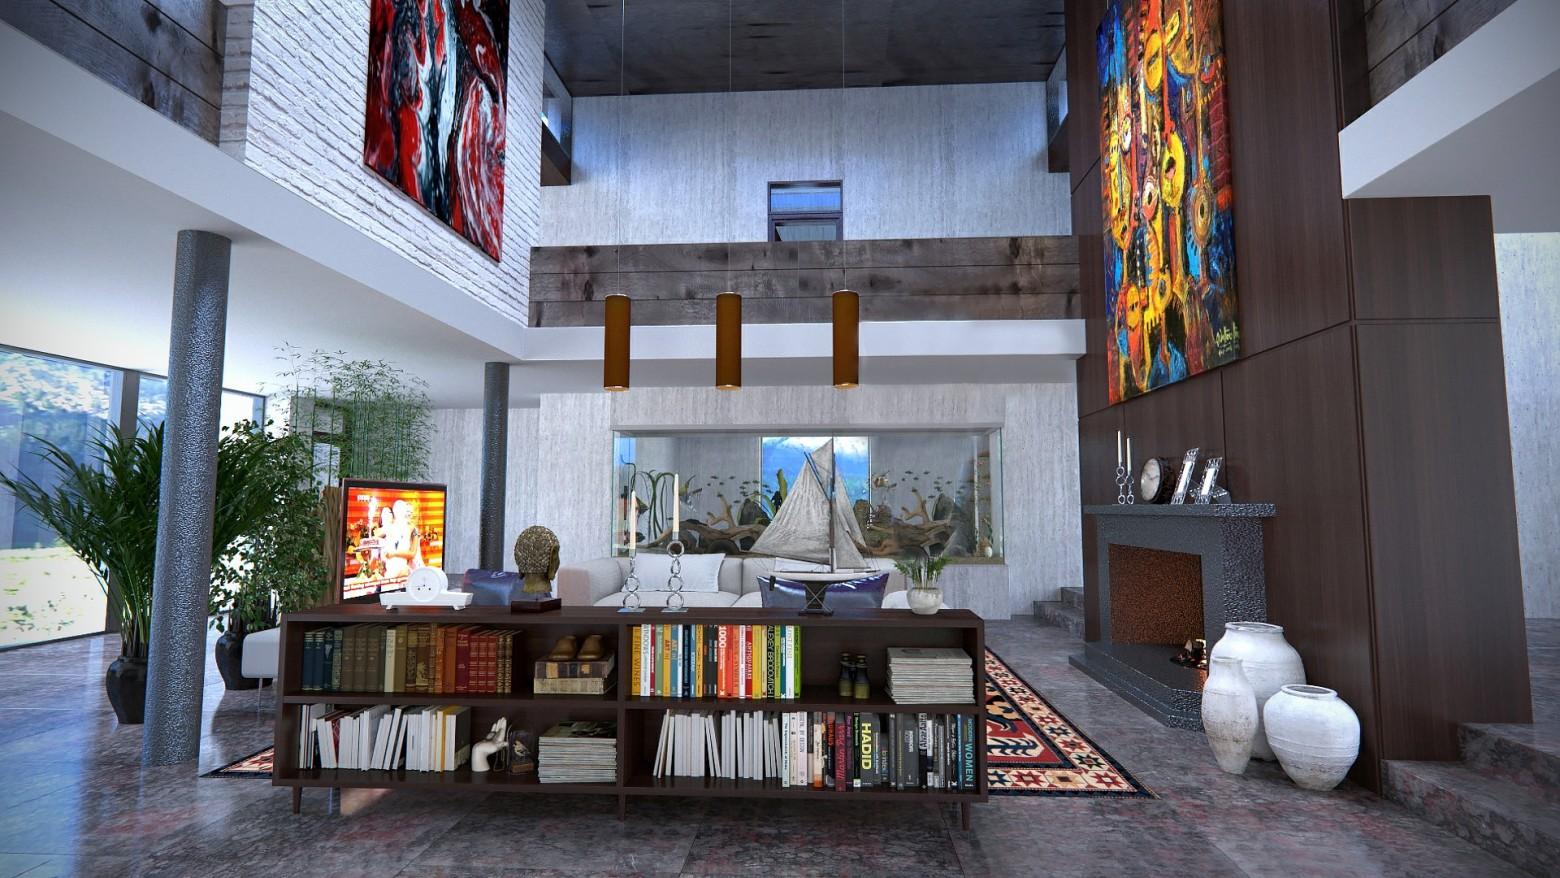 intérieur maison appartement loft moderne design | images gratuites ...